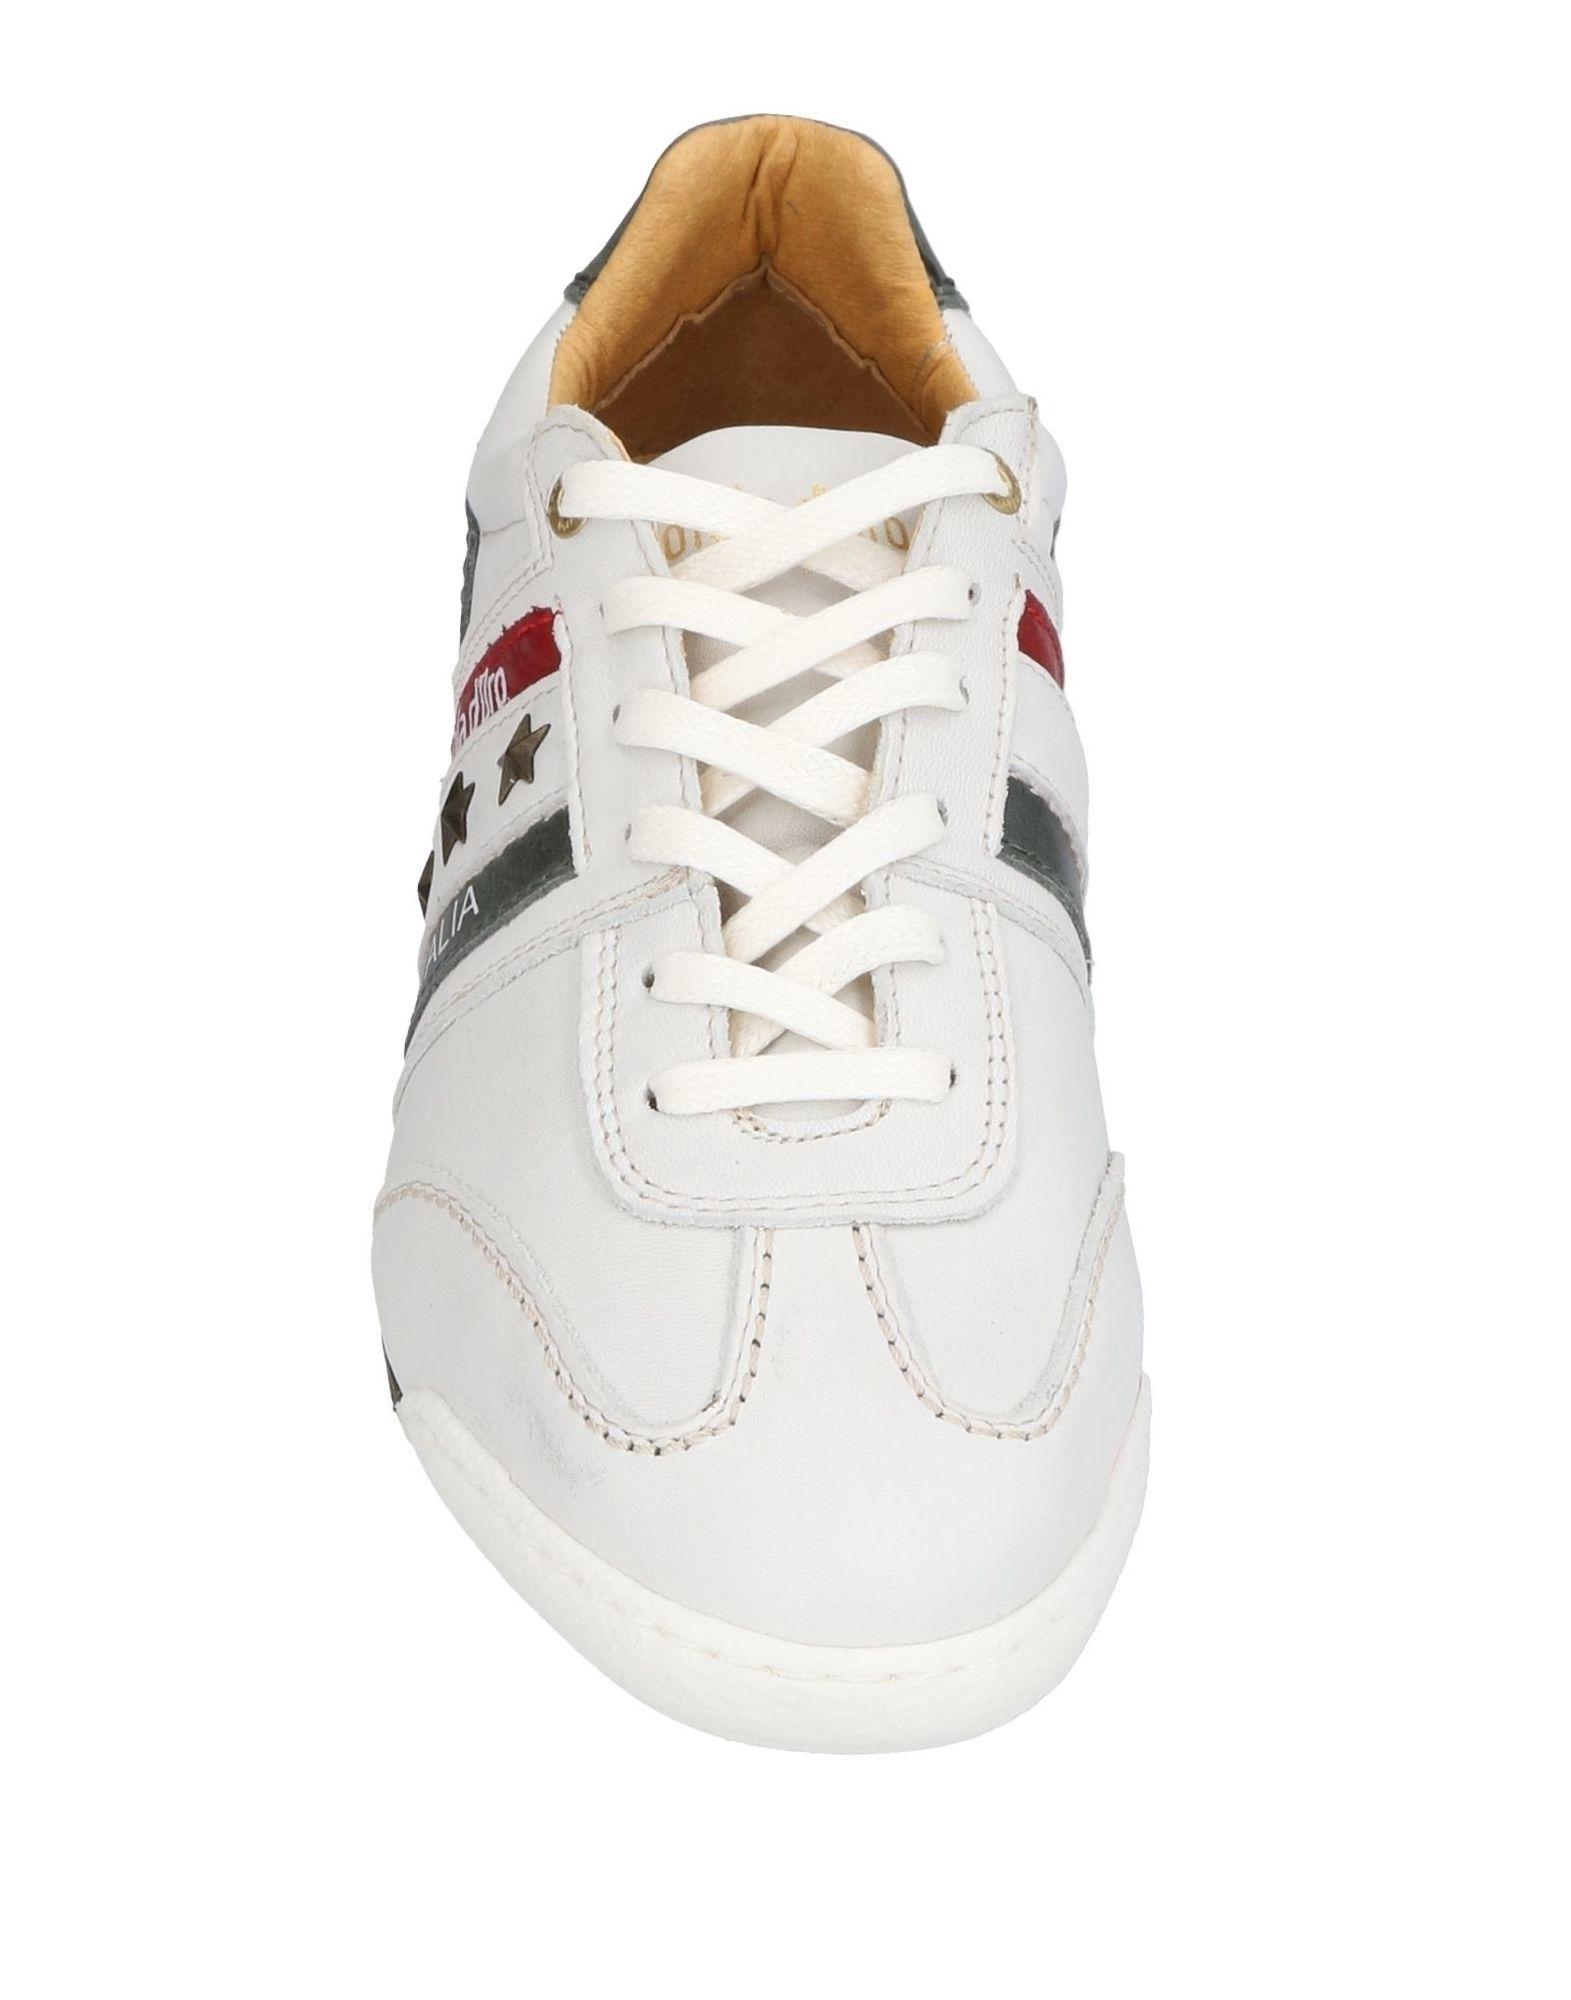 Rabatt echte Herren Schuhe Pantofola D'oro Sneakers Herren echte  11456302LD db7ecd